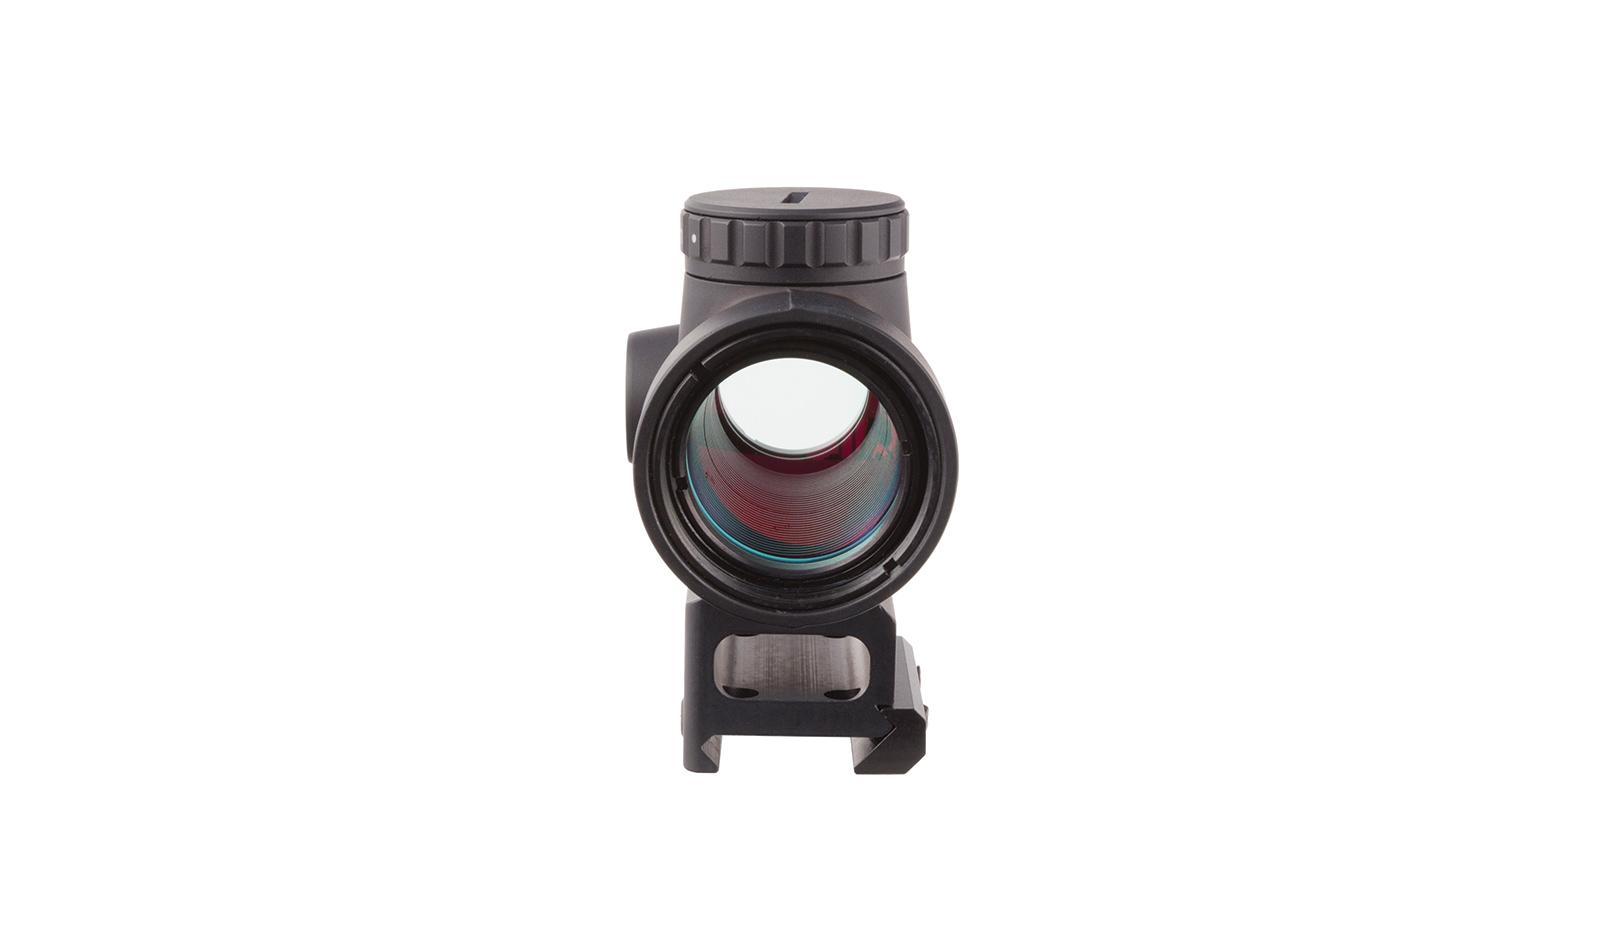 MRO-C-2200005 angle 8